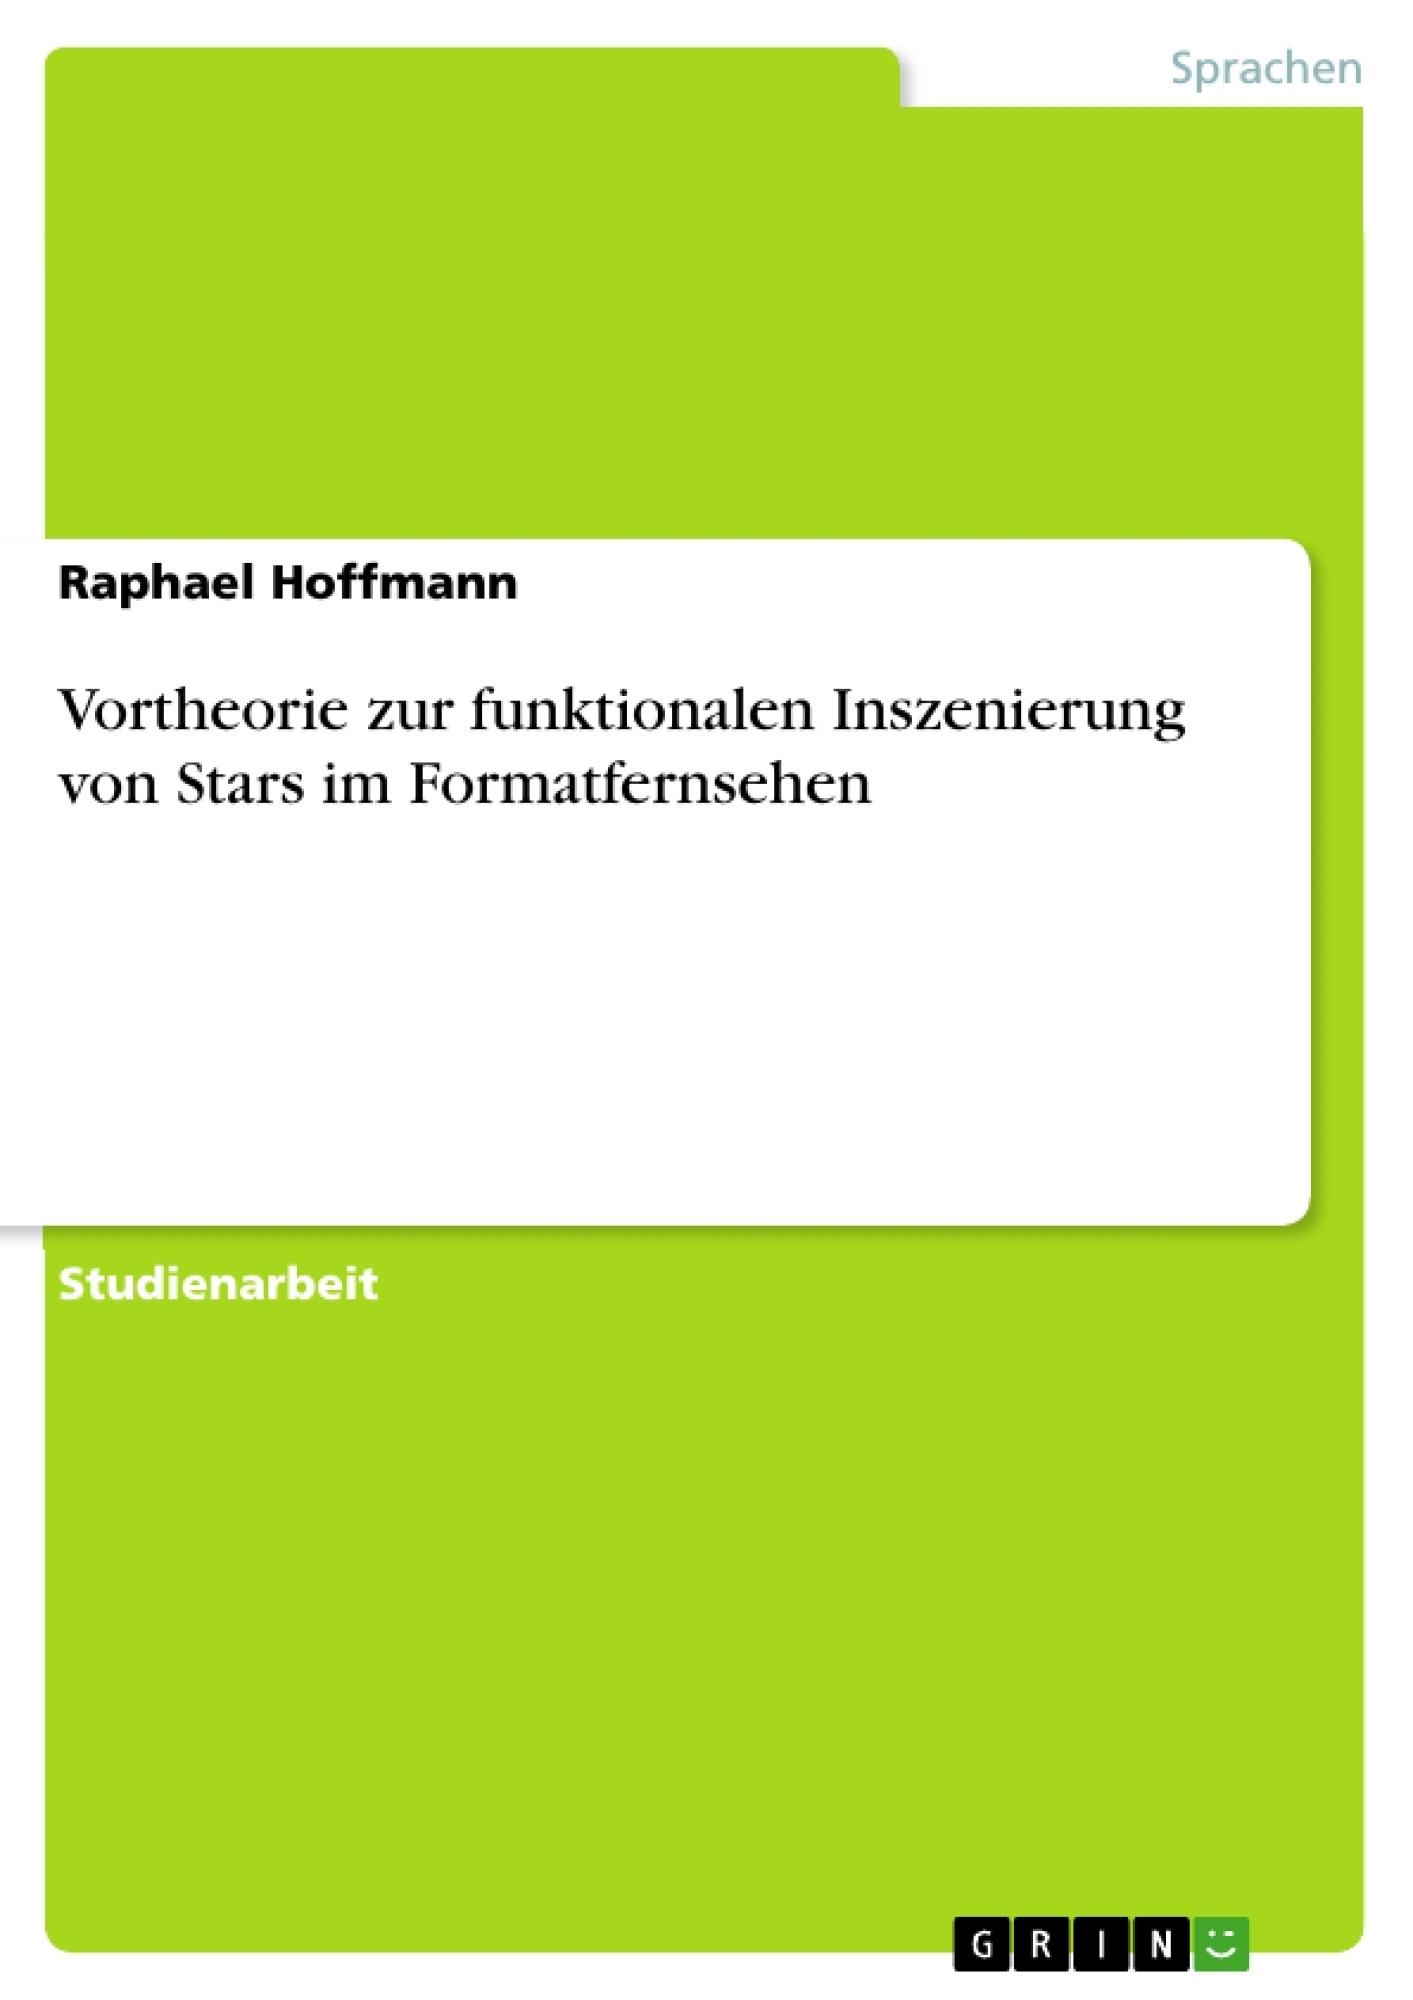 Titel: Vortheorie zur funktionalen Inszenierung von Stars im Formatfernsehen